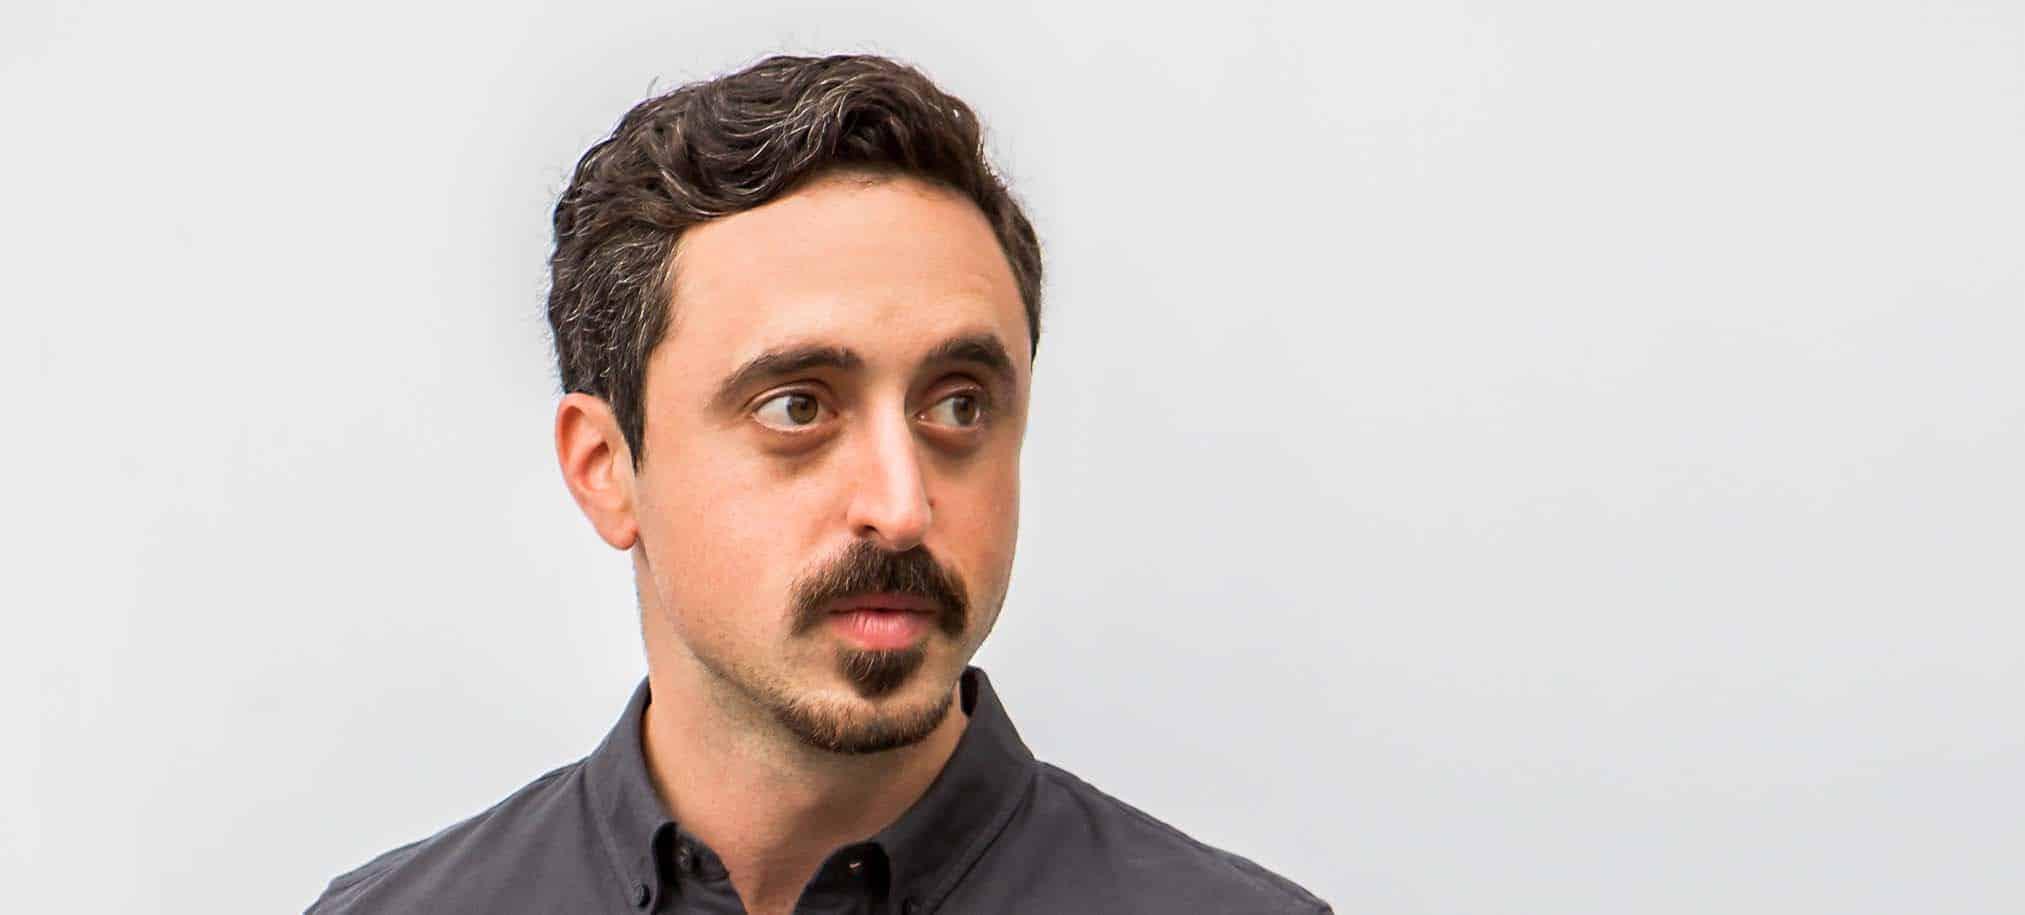 Ari Klein profile picture